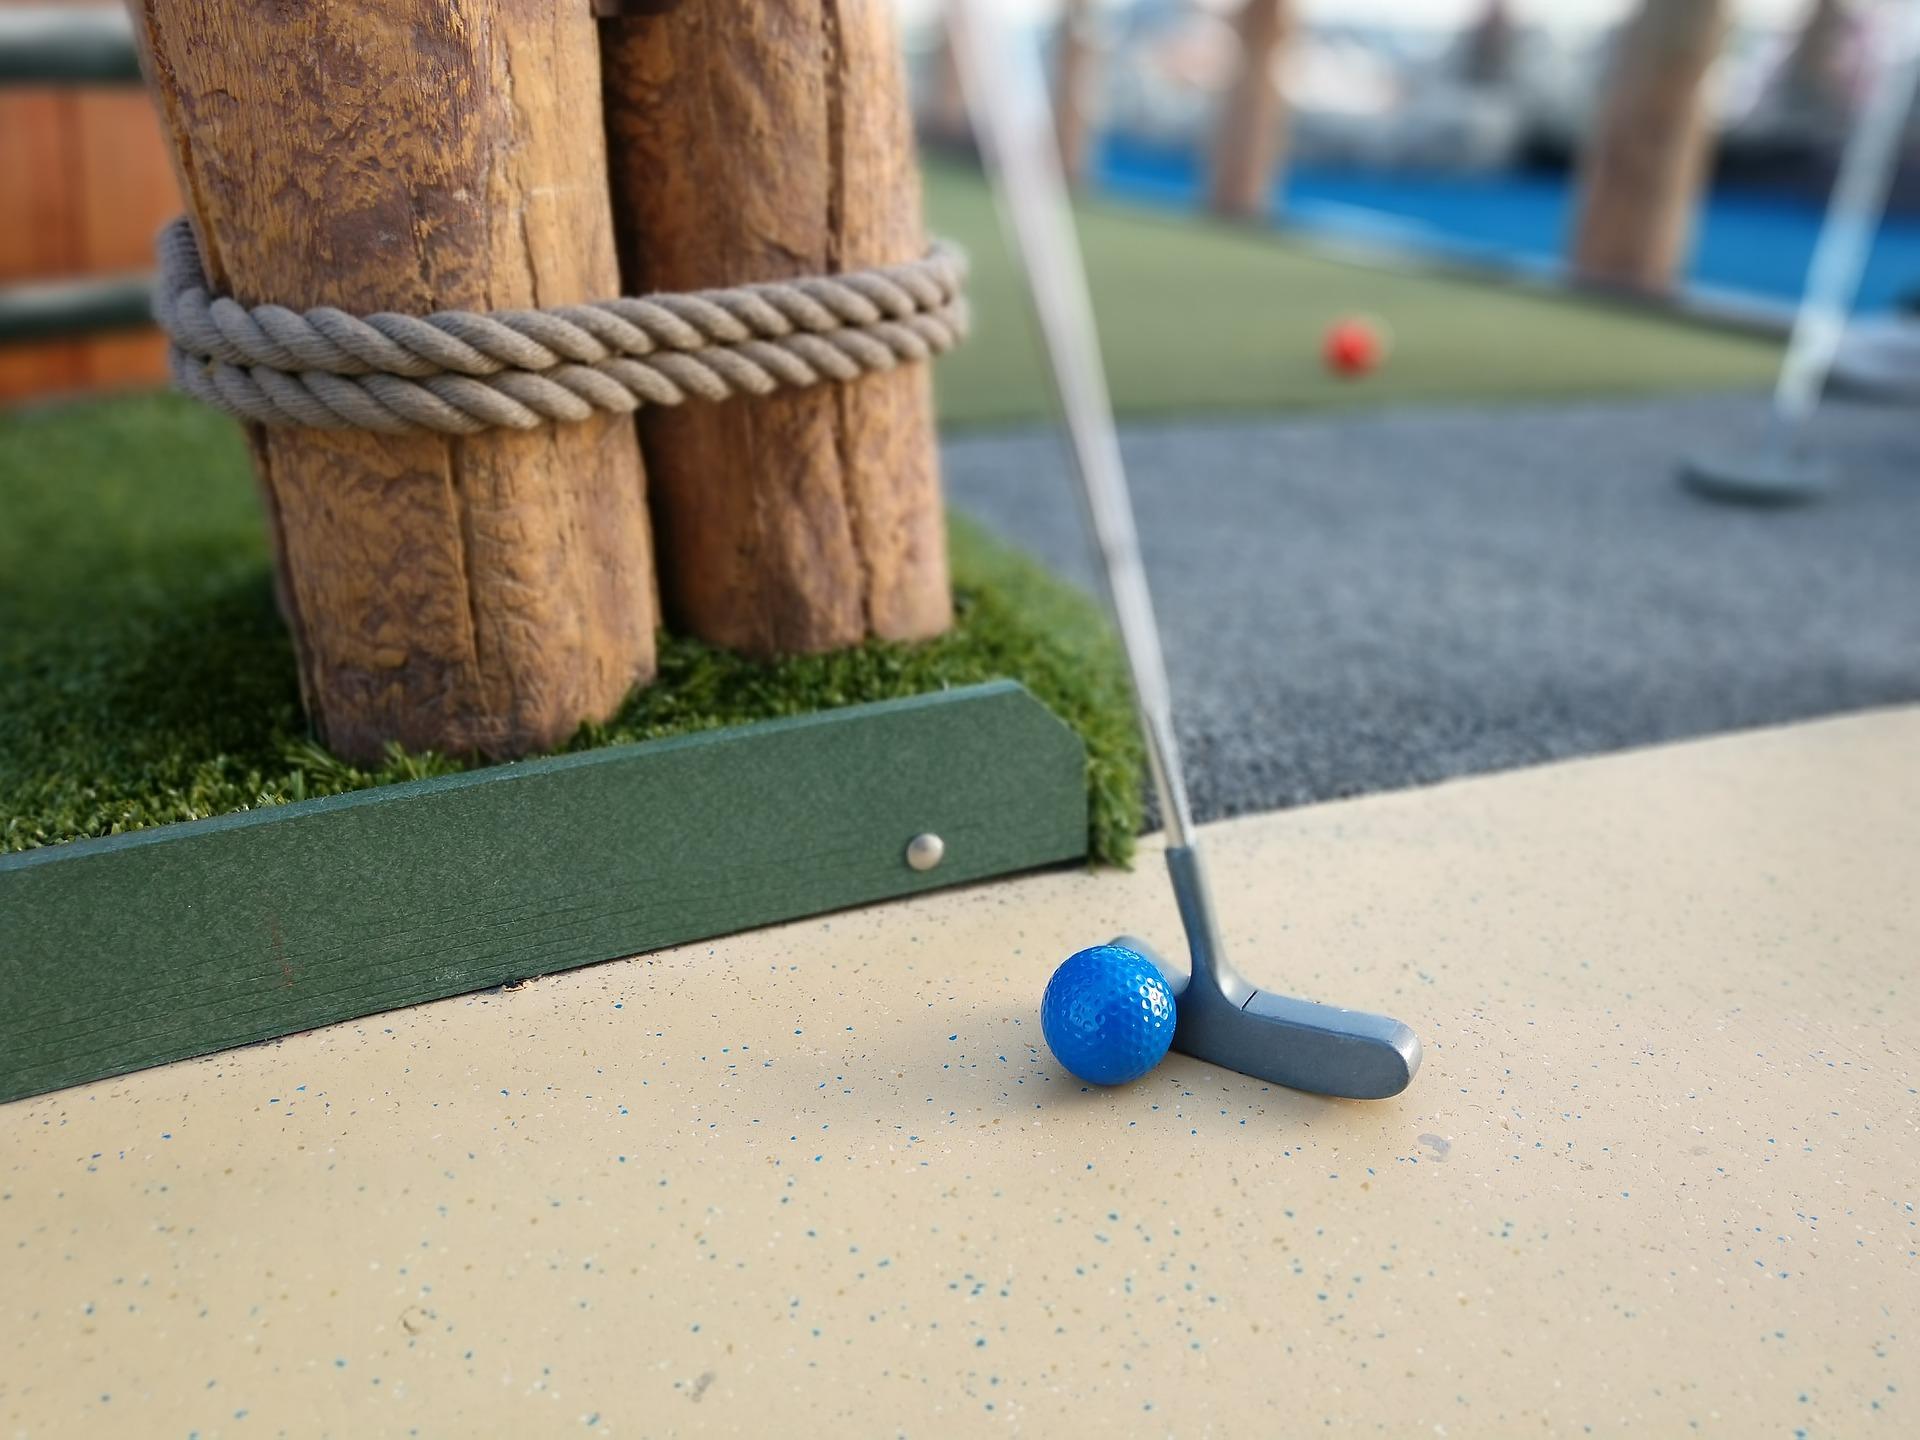 Minigolfschläger und Ball vor einem Zaun